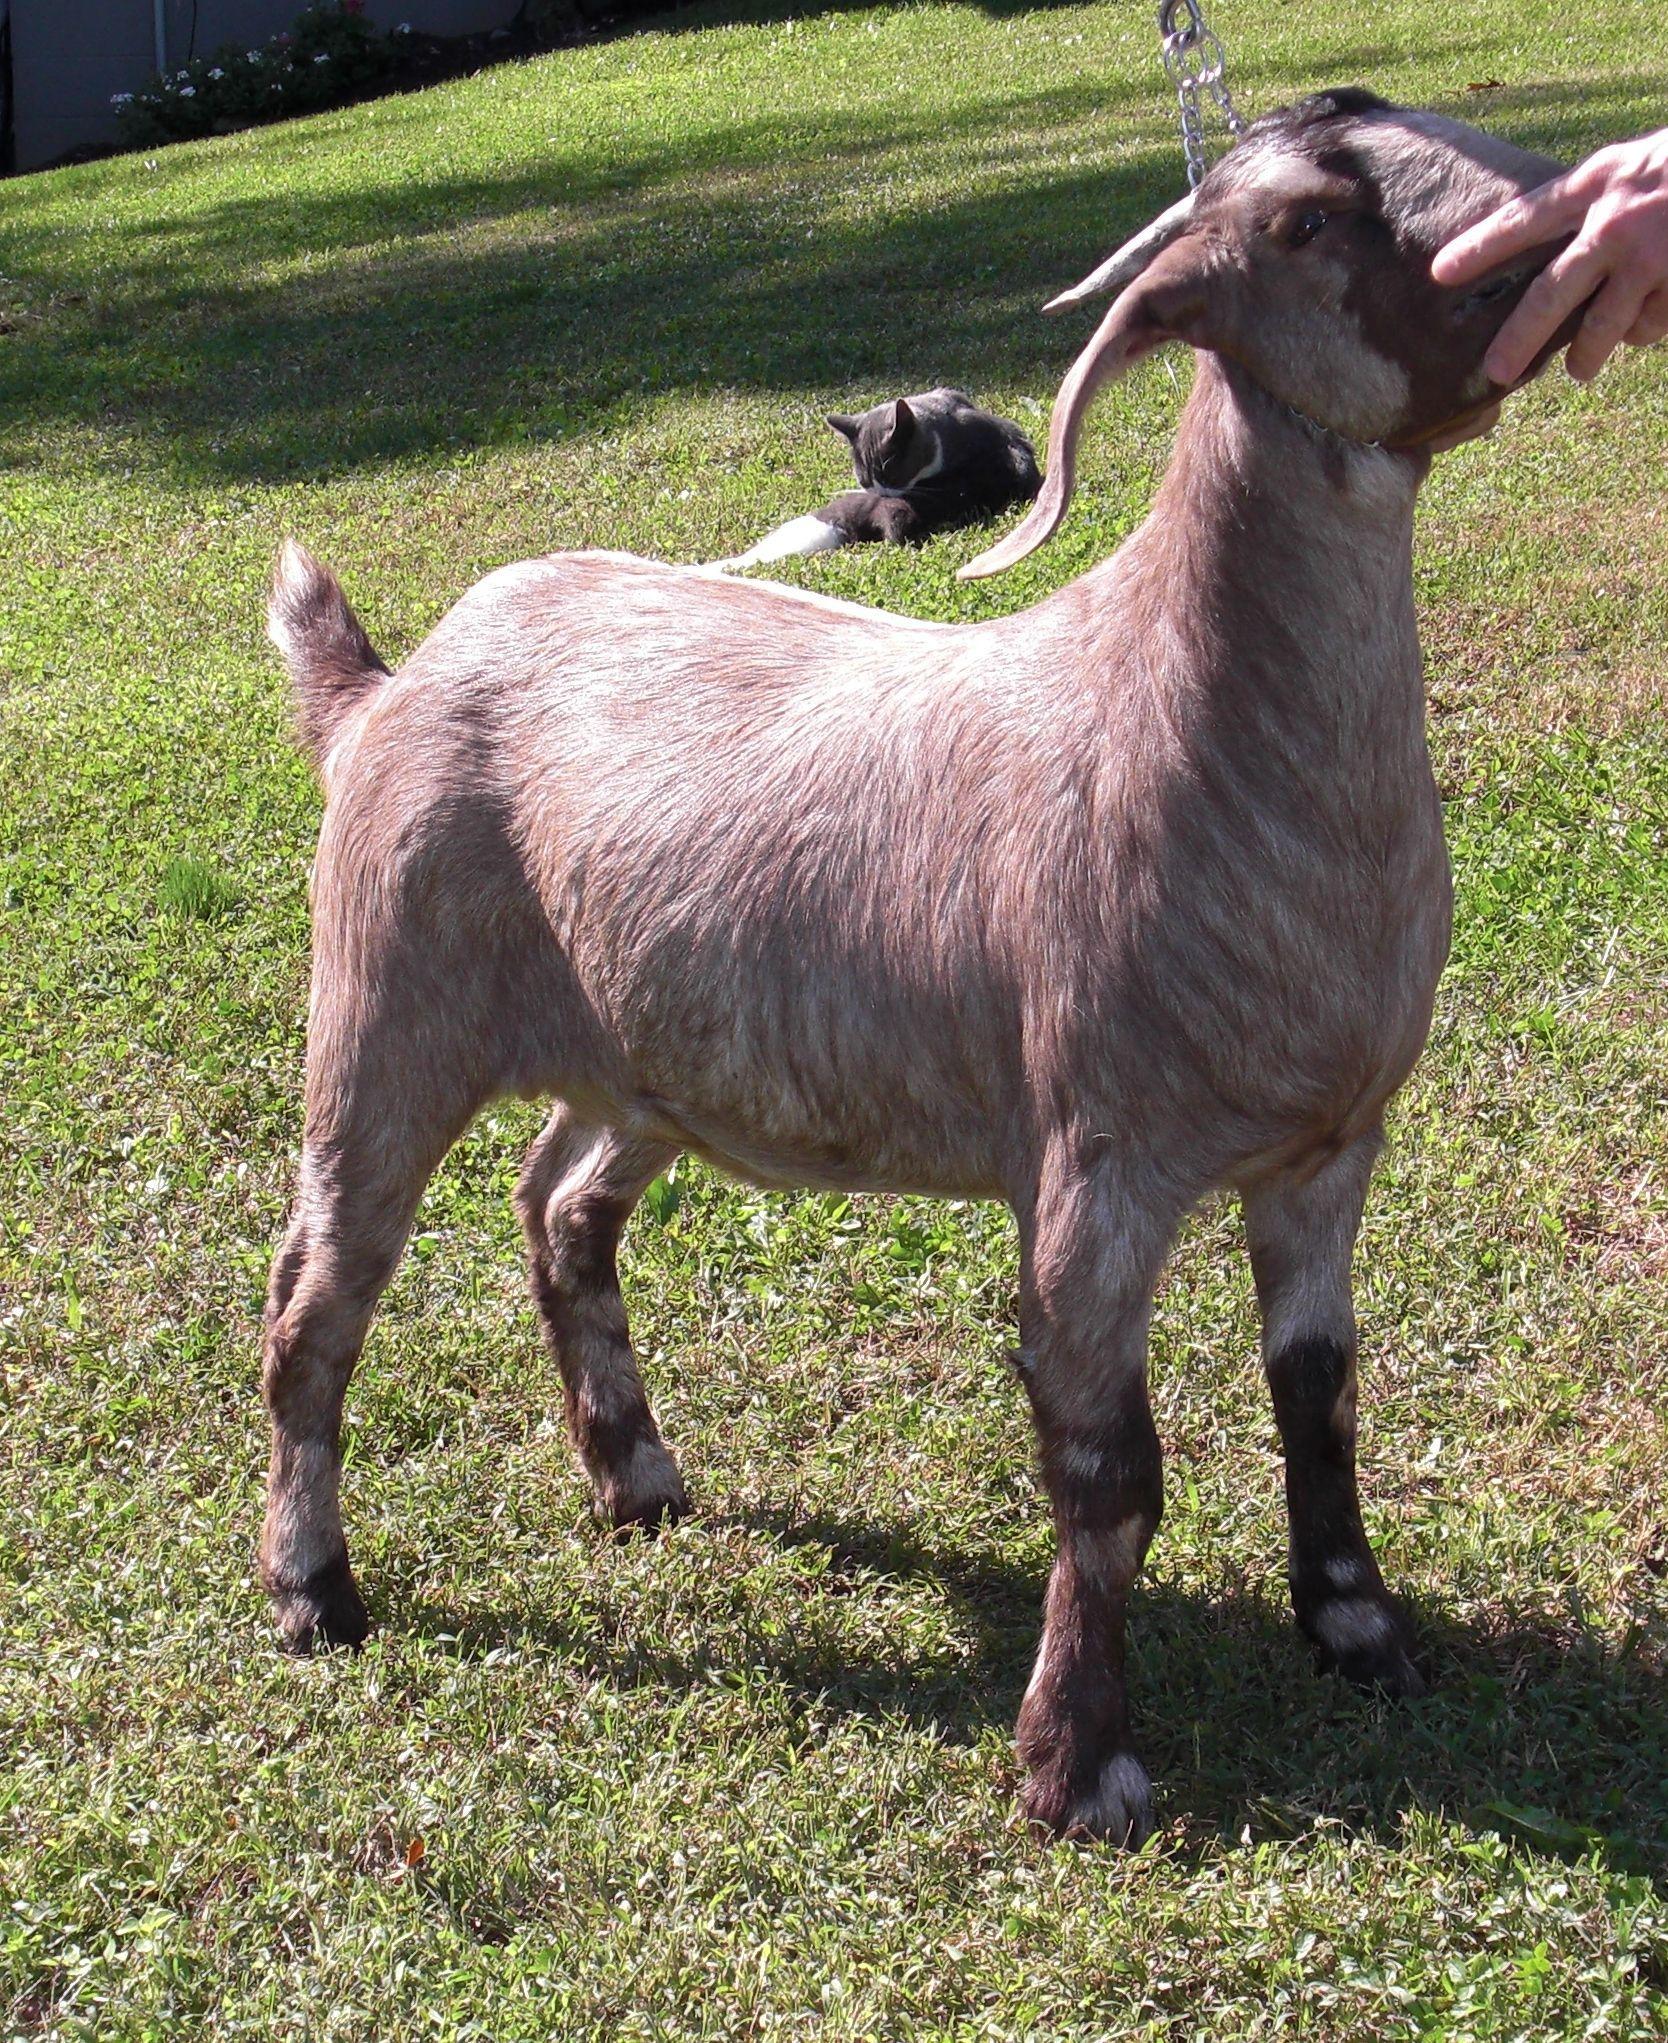 кривоногая коза фото приступить заработку